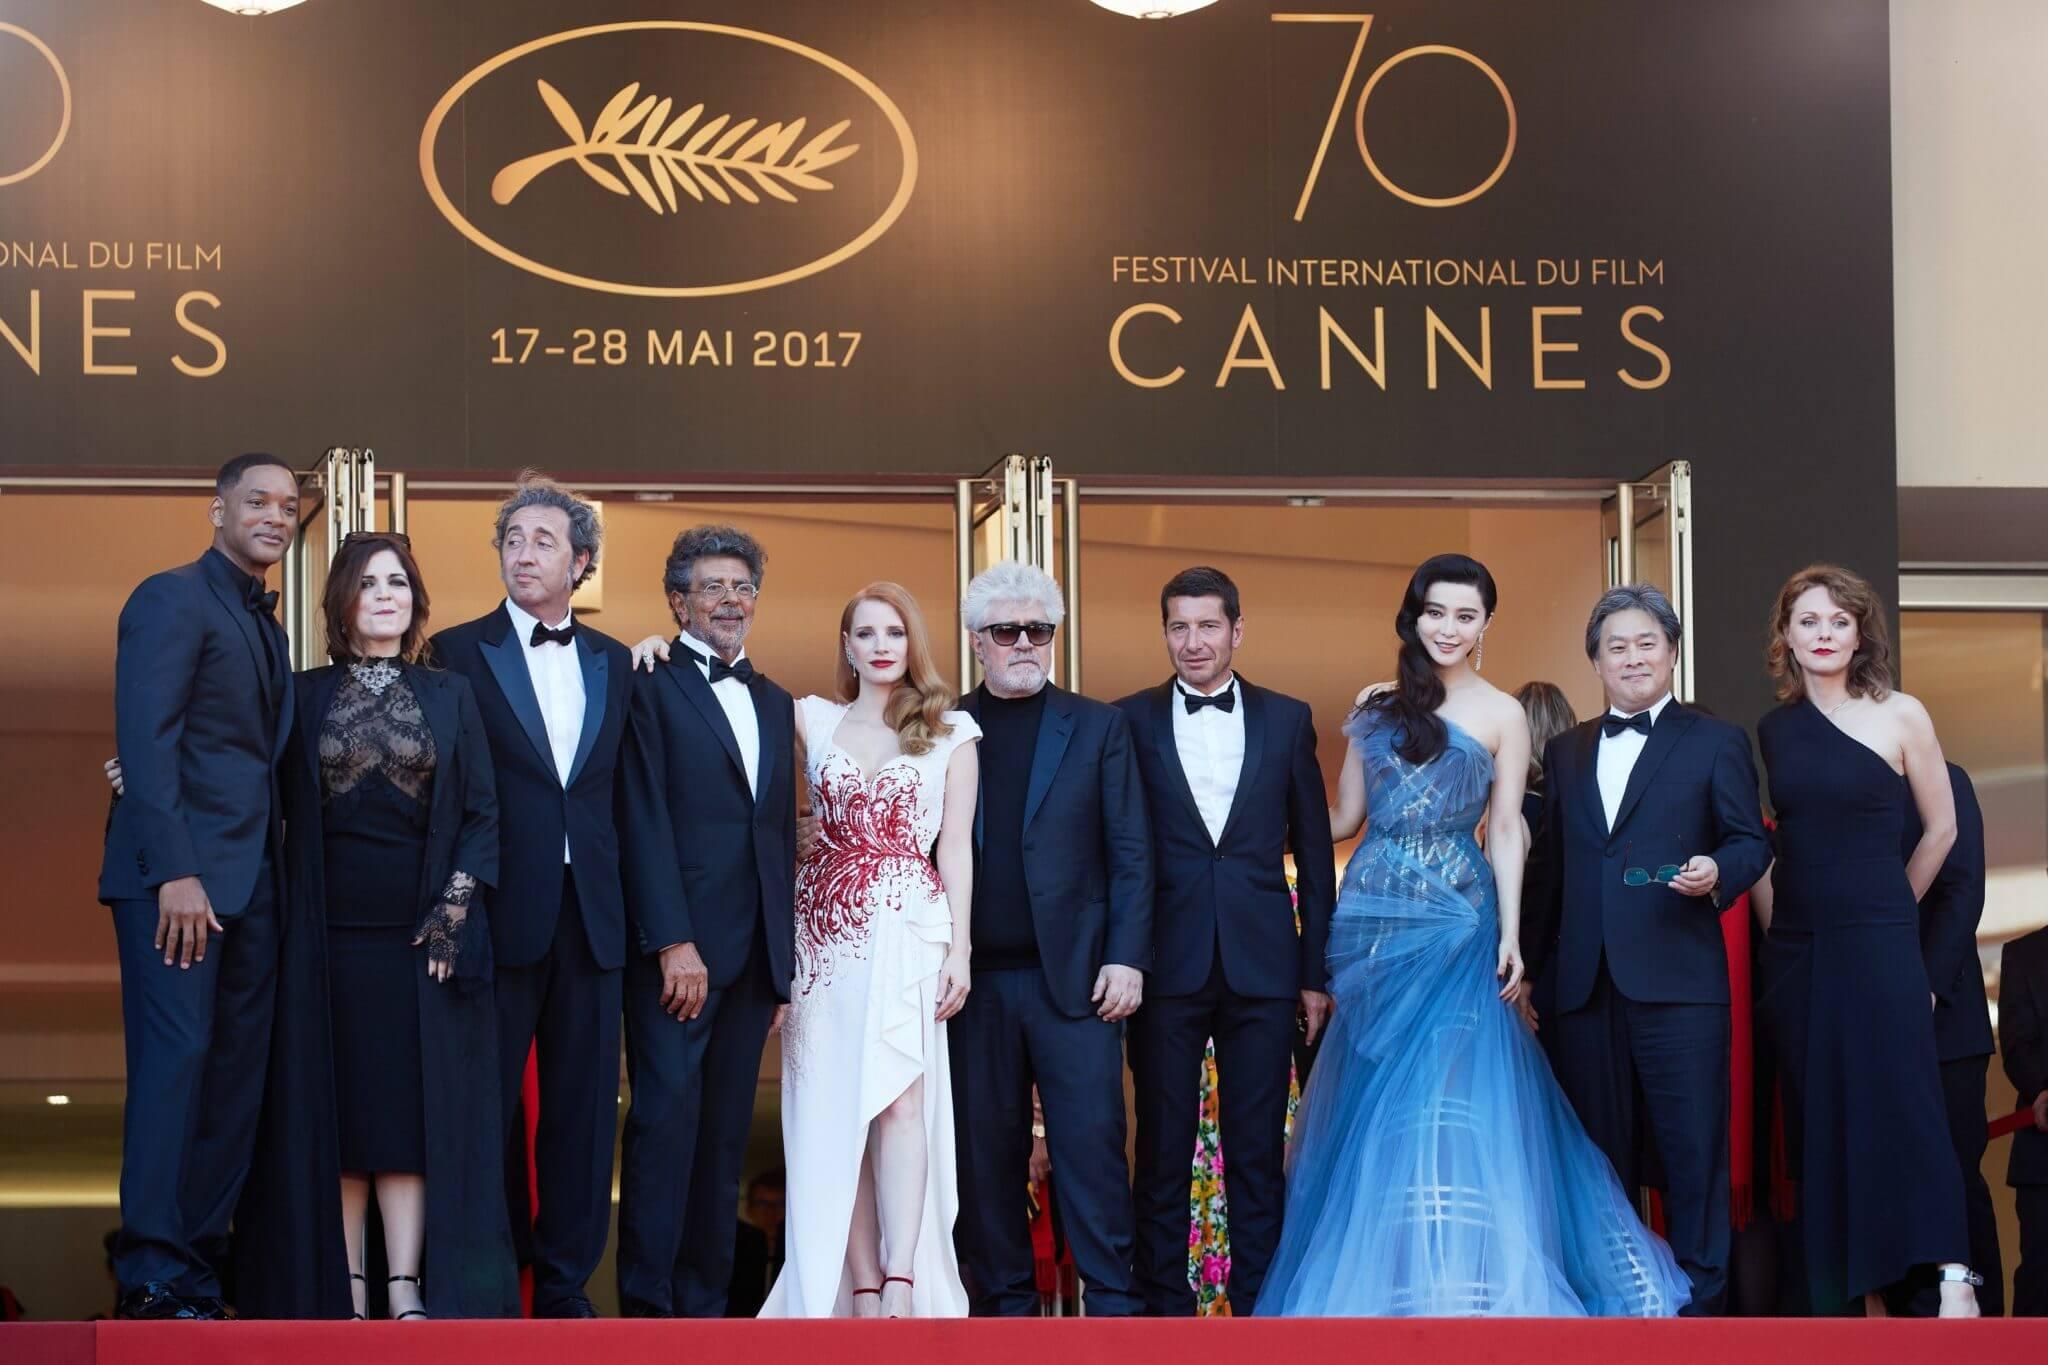 Segundo round entre Cannes y Netflix: Prohibiciones, amenazas y Alfonso Cuarón en el ojo del huracán